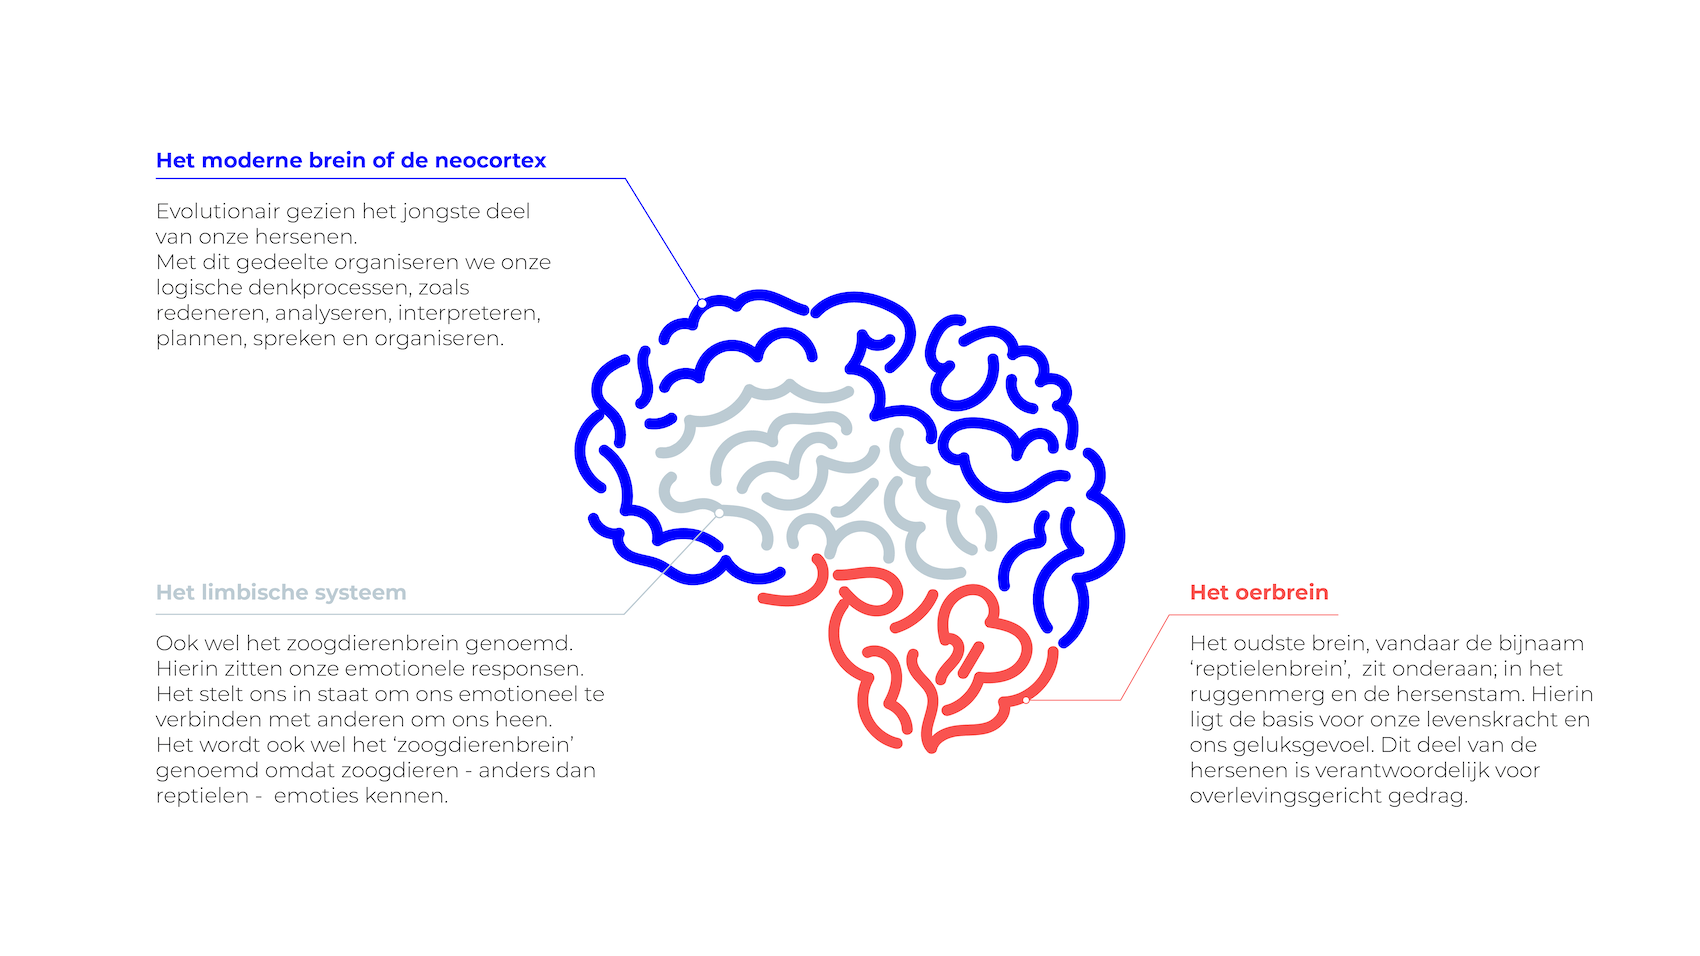 visualisatie van het brein in drie delen